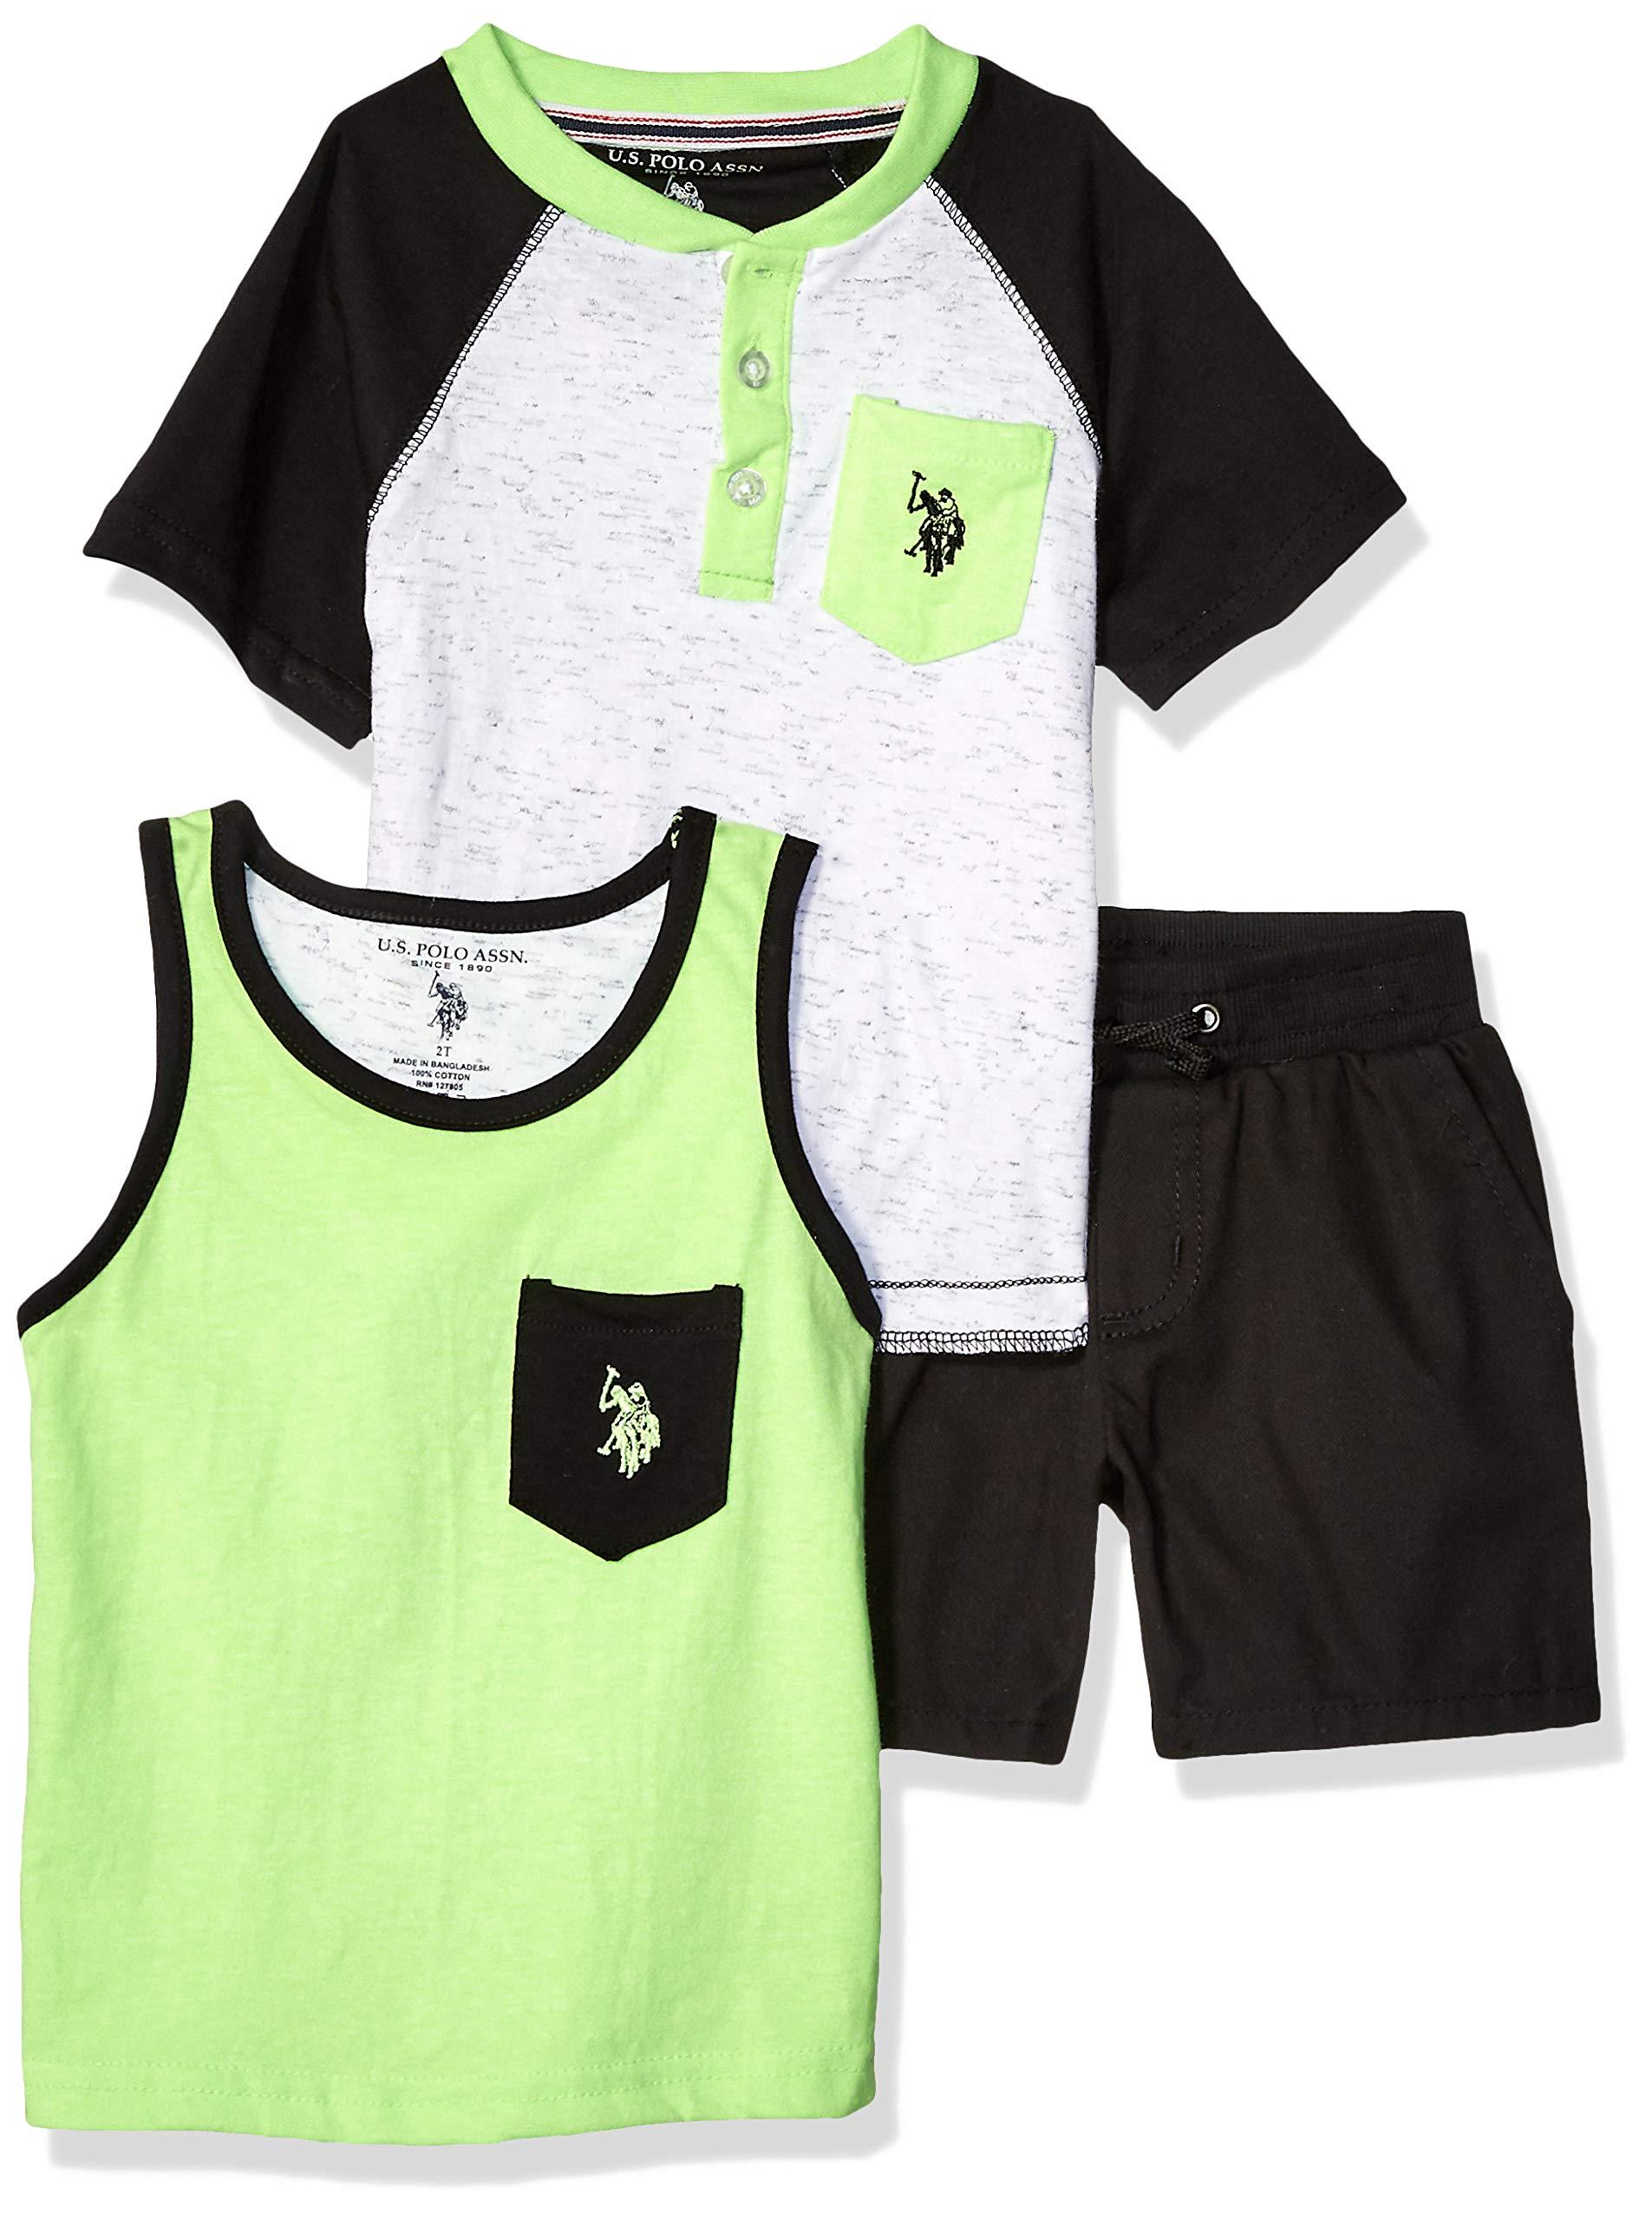 U.S. Polo Assn. Boys' Little 3 Piece Sleeve Henley T-Shirt, Tank Top, and Short Set, Lime Green Black, 7